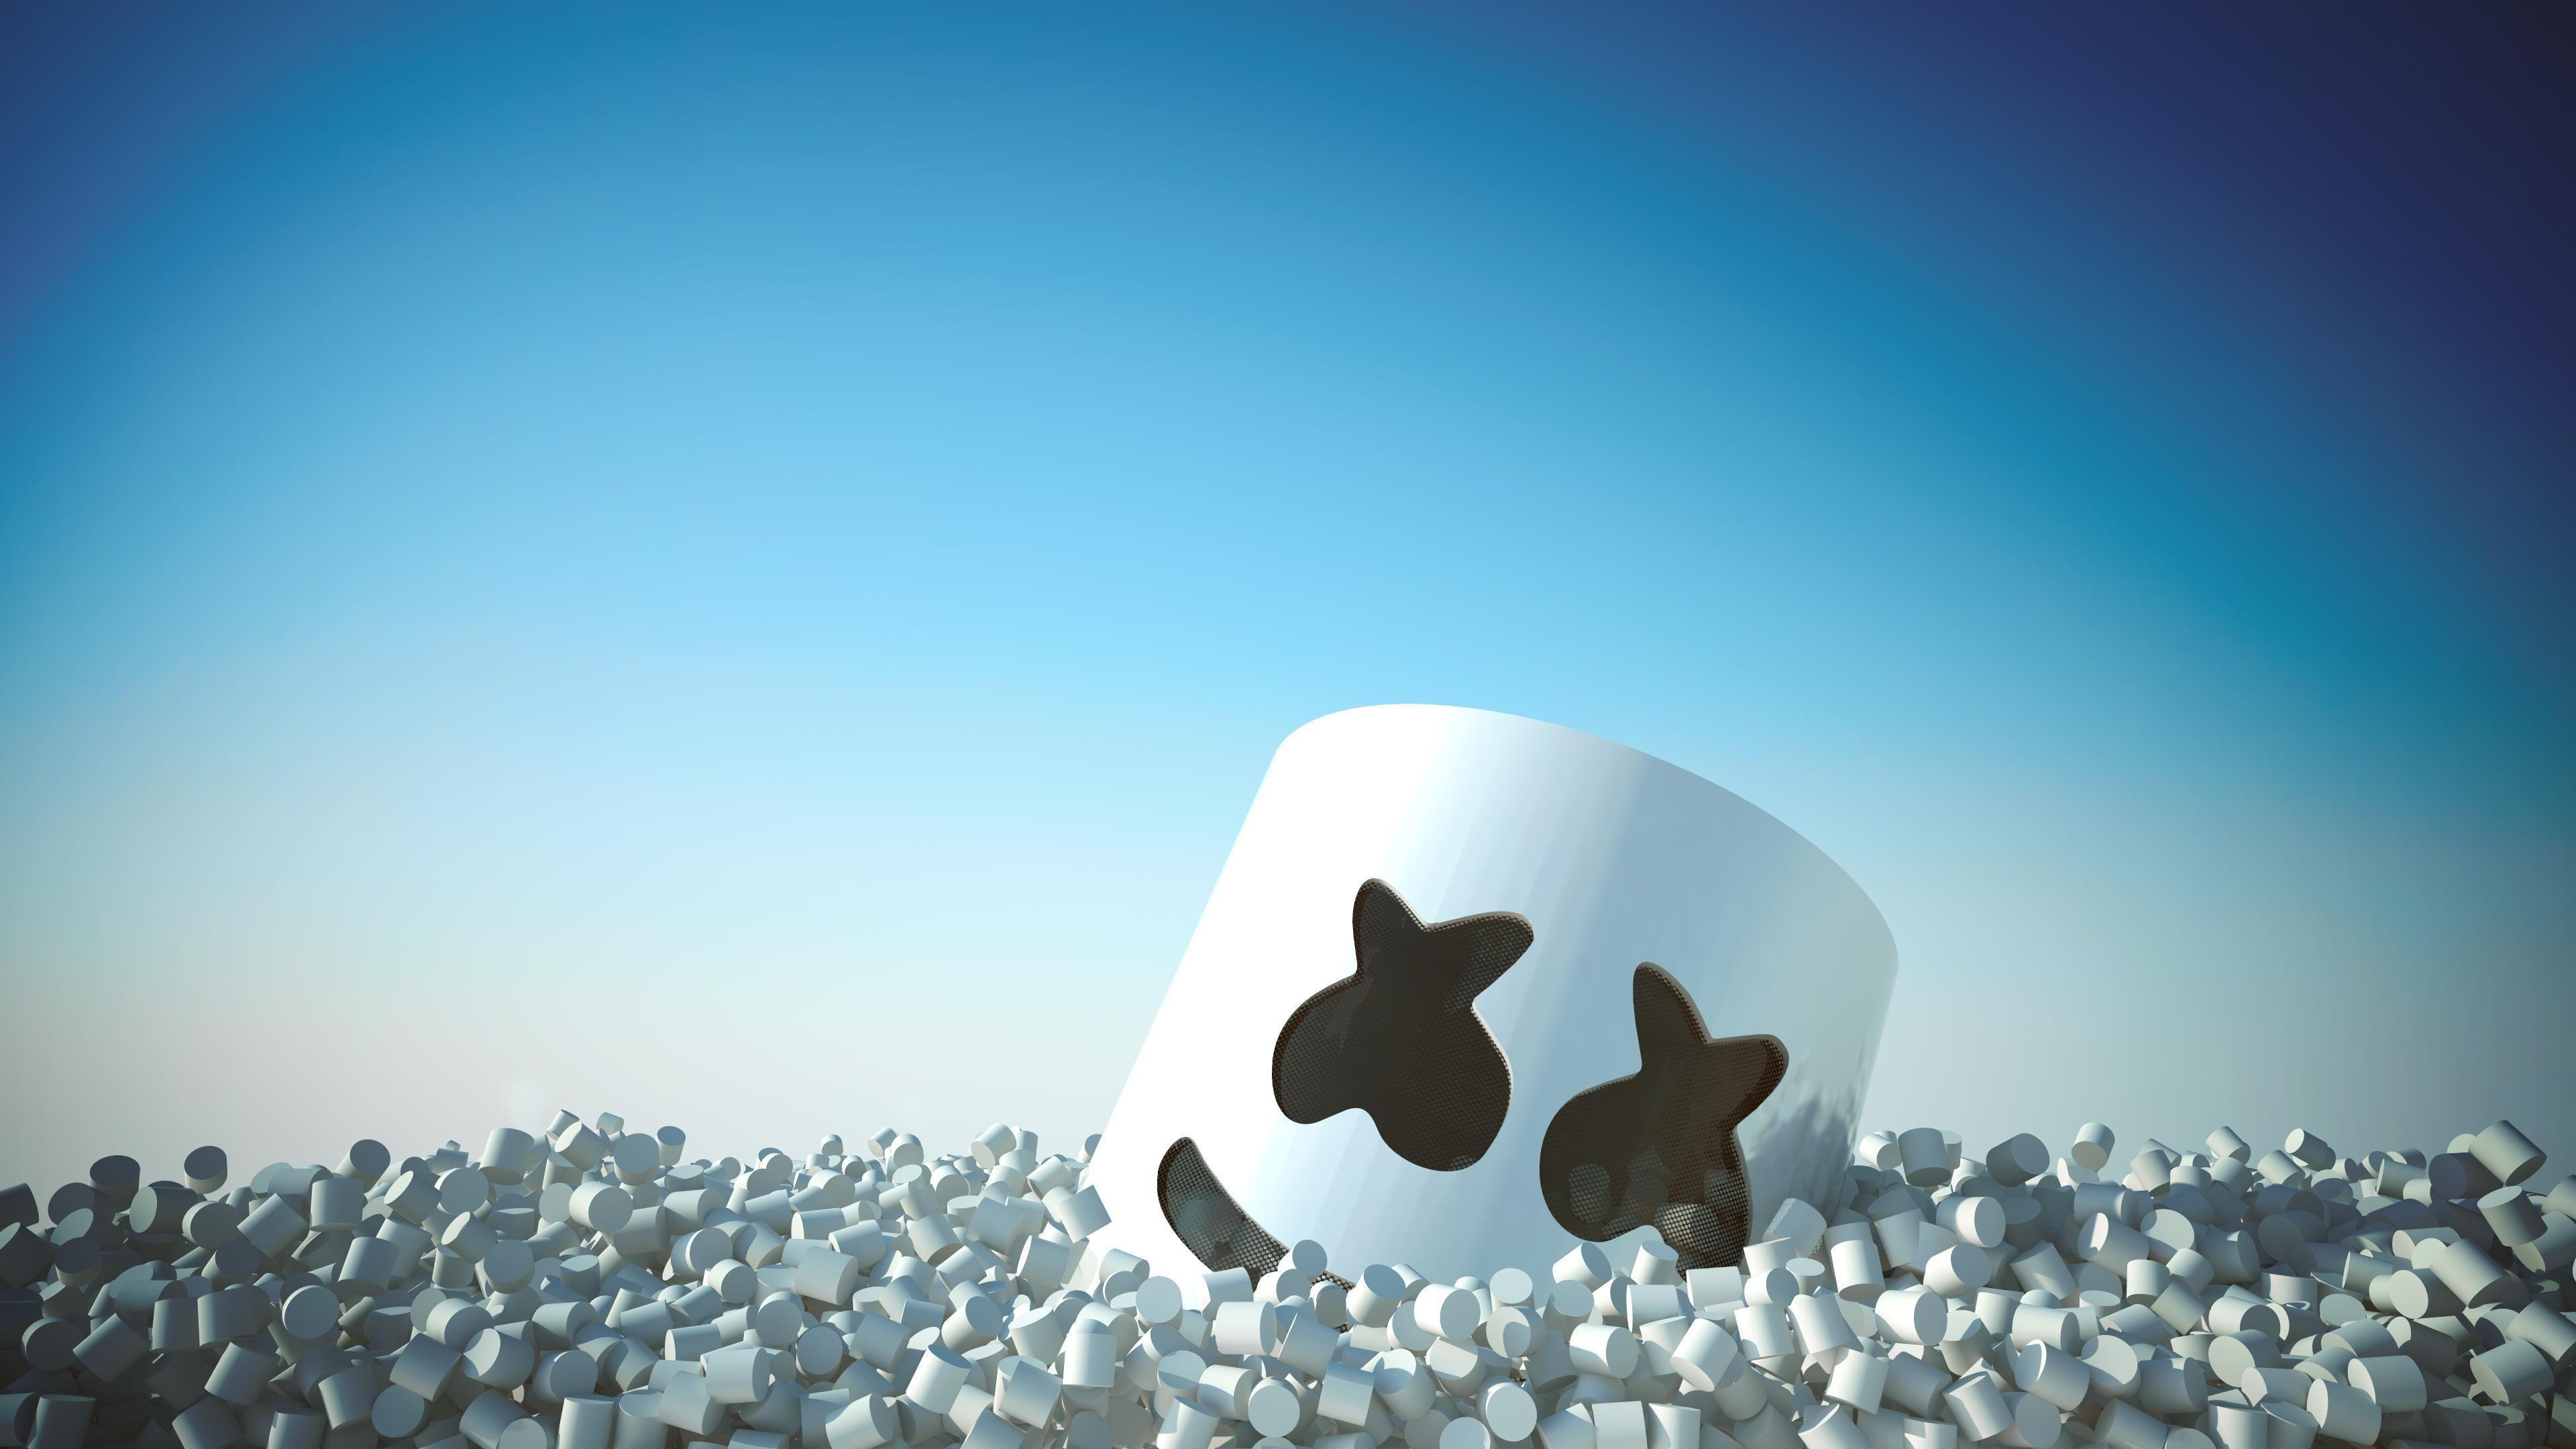 Marshmello 4k Wallpaper | Music HD Wallpapers | 8k ...